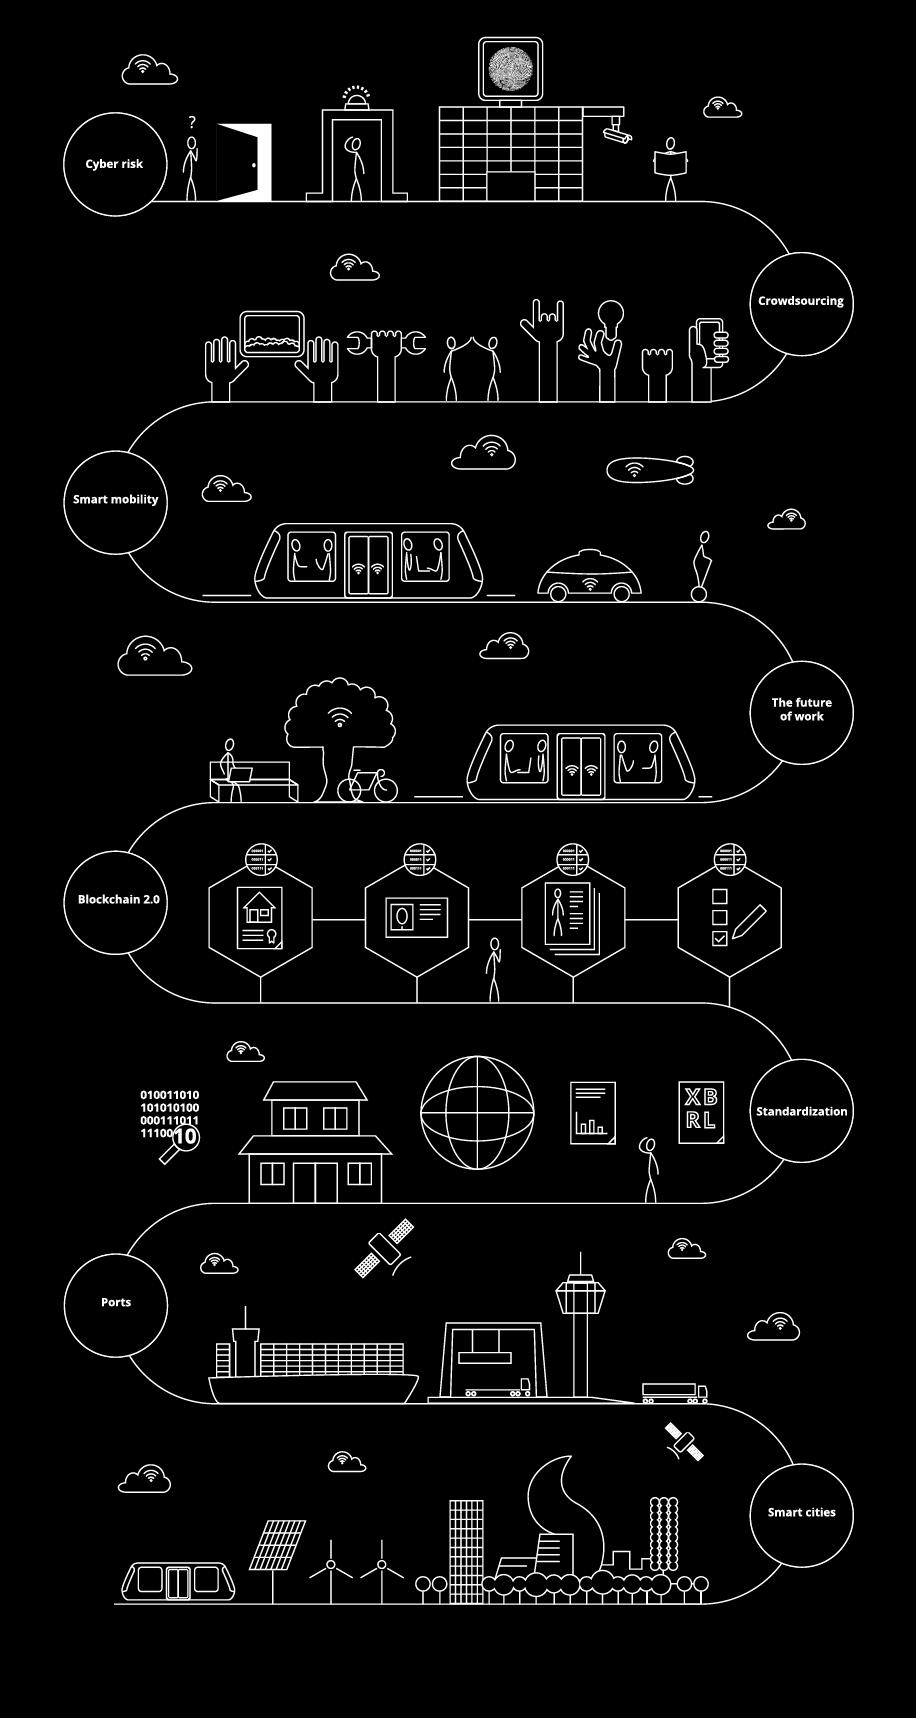 deloitte-nl-real-estate-predictions-visual-916